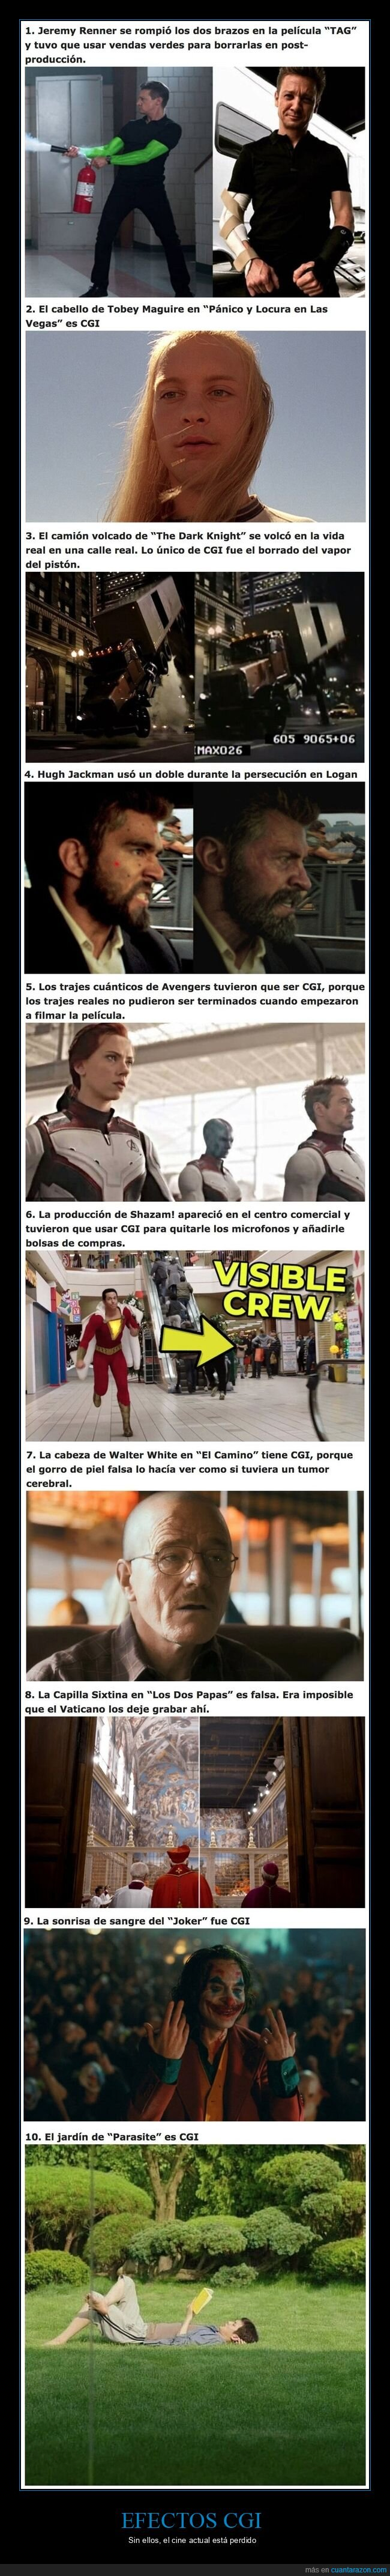 cgi,cine,efectos especiales